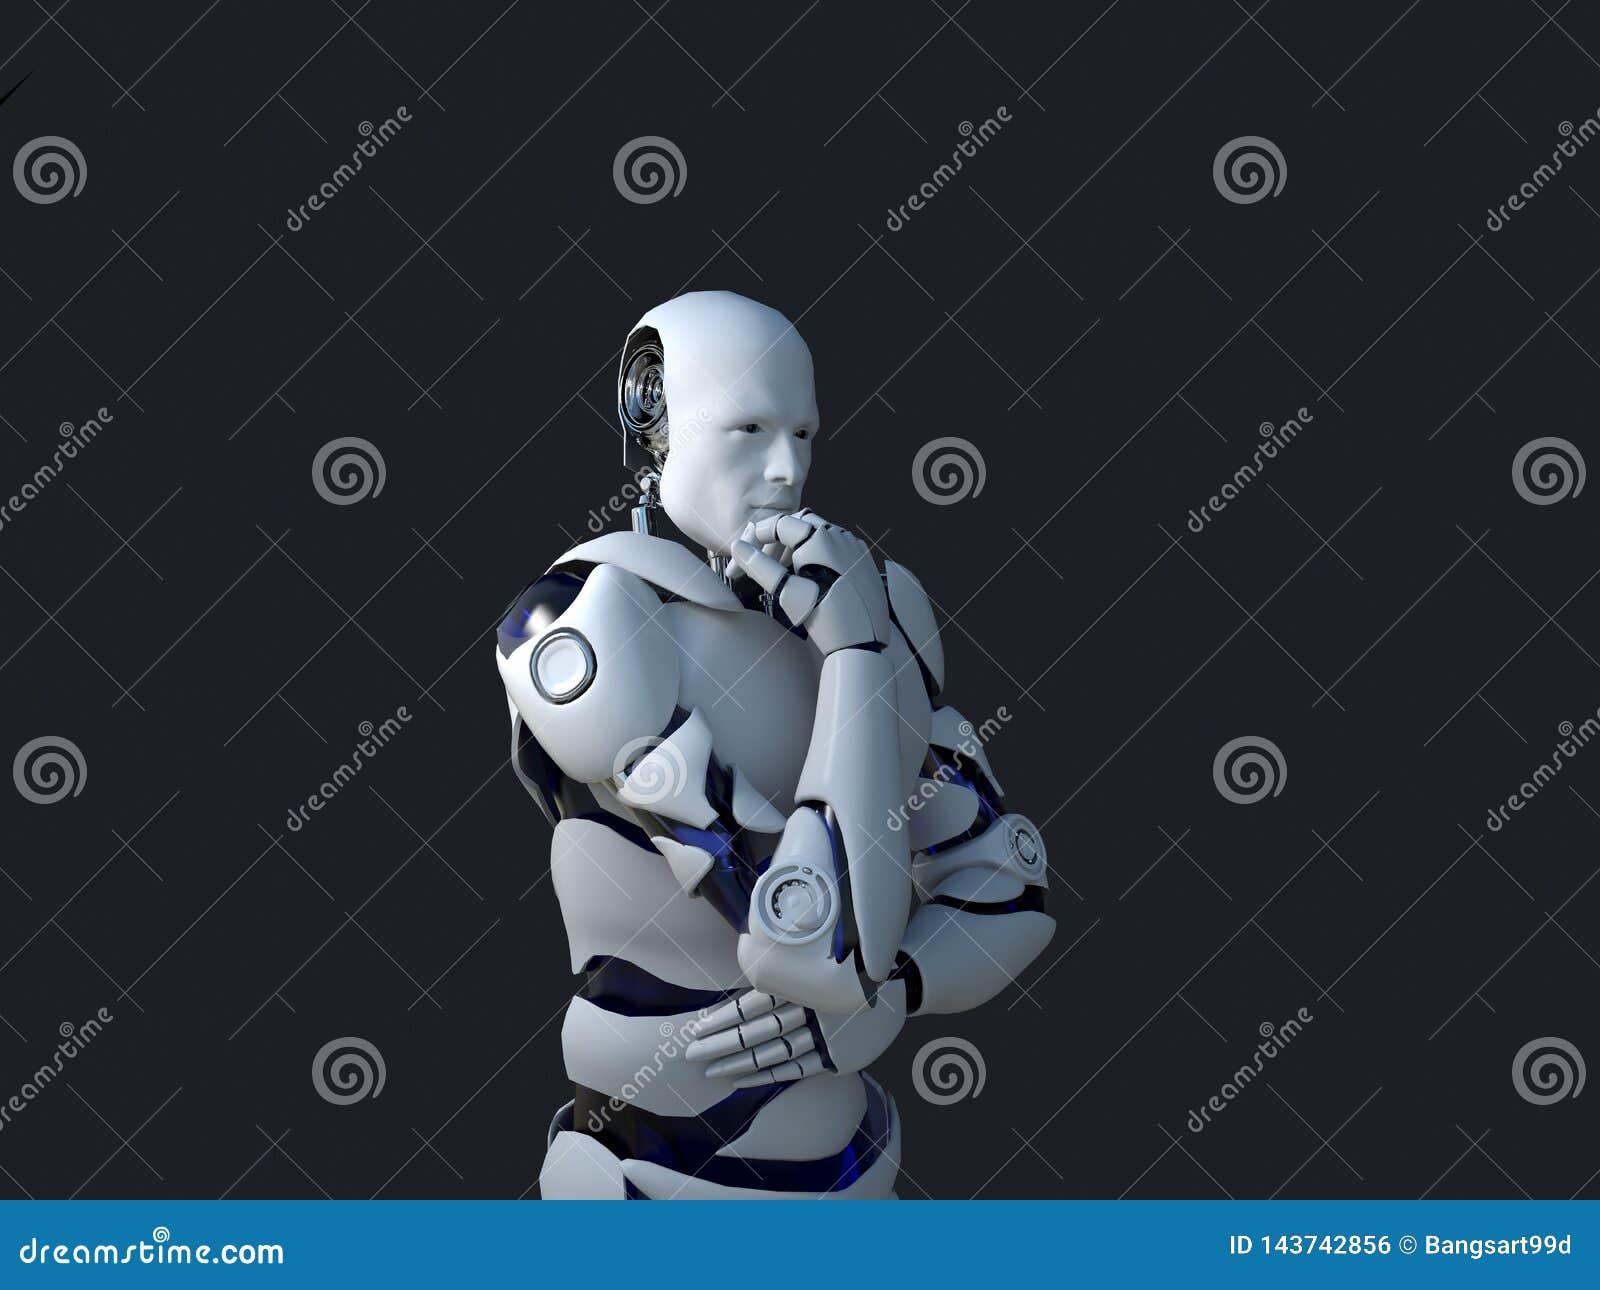 Weiße Robotertechnologie, die denkt und tatsächlich sein Kinn Technologie in der Zukunft, auf einem schwarzen Hintergrund